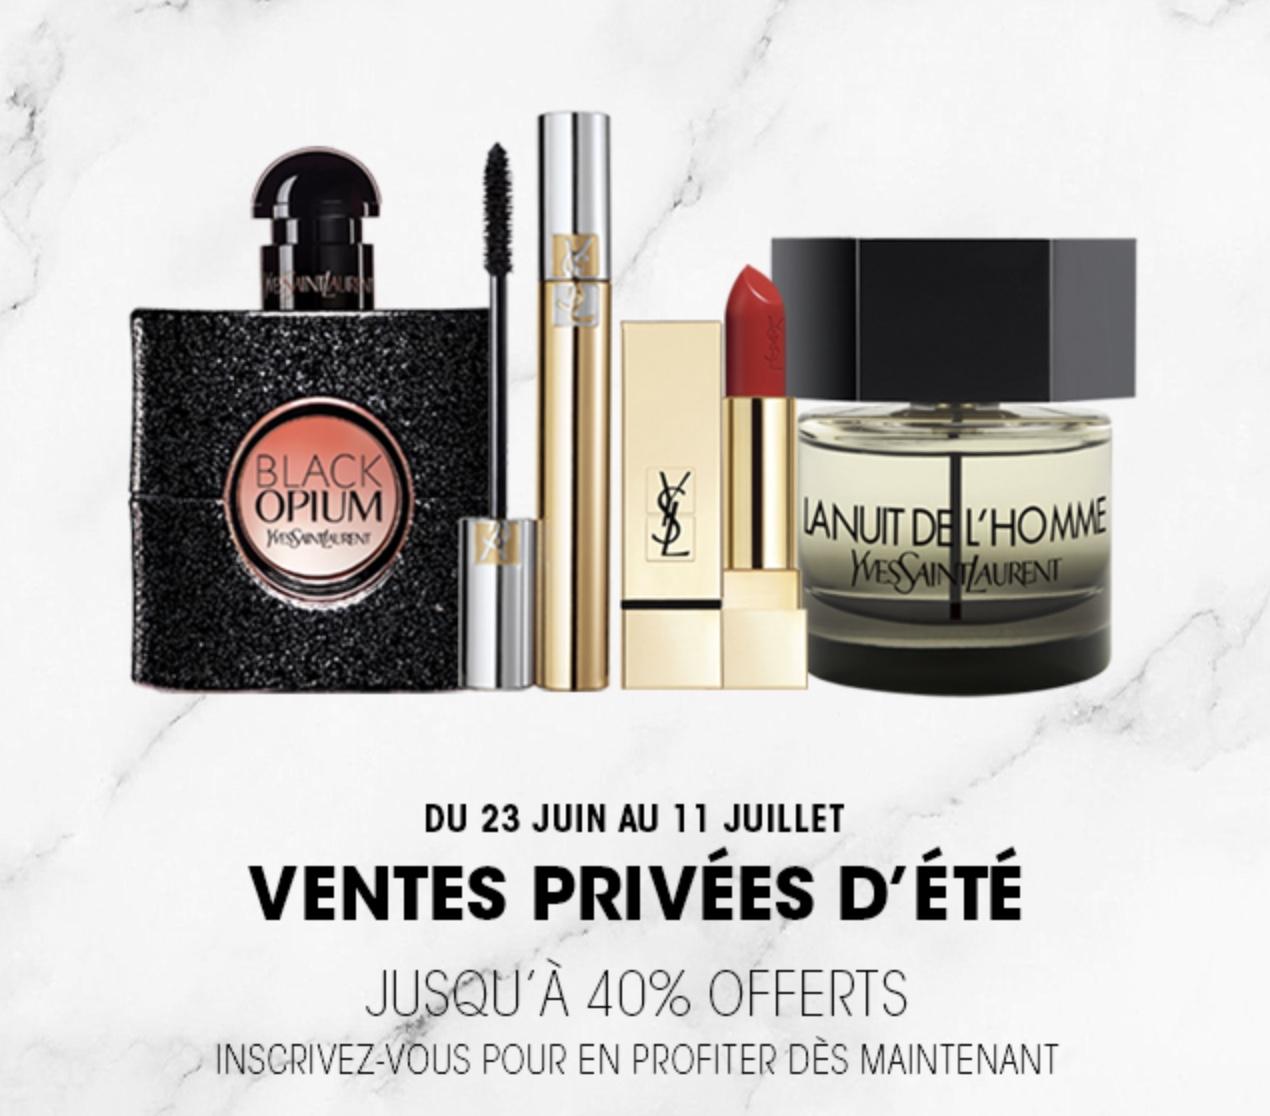 Code promo Yves Saint Laurent Beauté : [Ventes Privées] -20% offerts sur tout le site, -25% sur les coffrets parfums ou -30% dès 100€